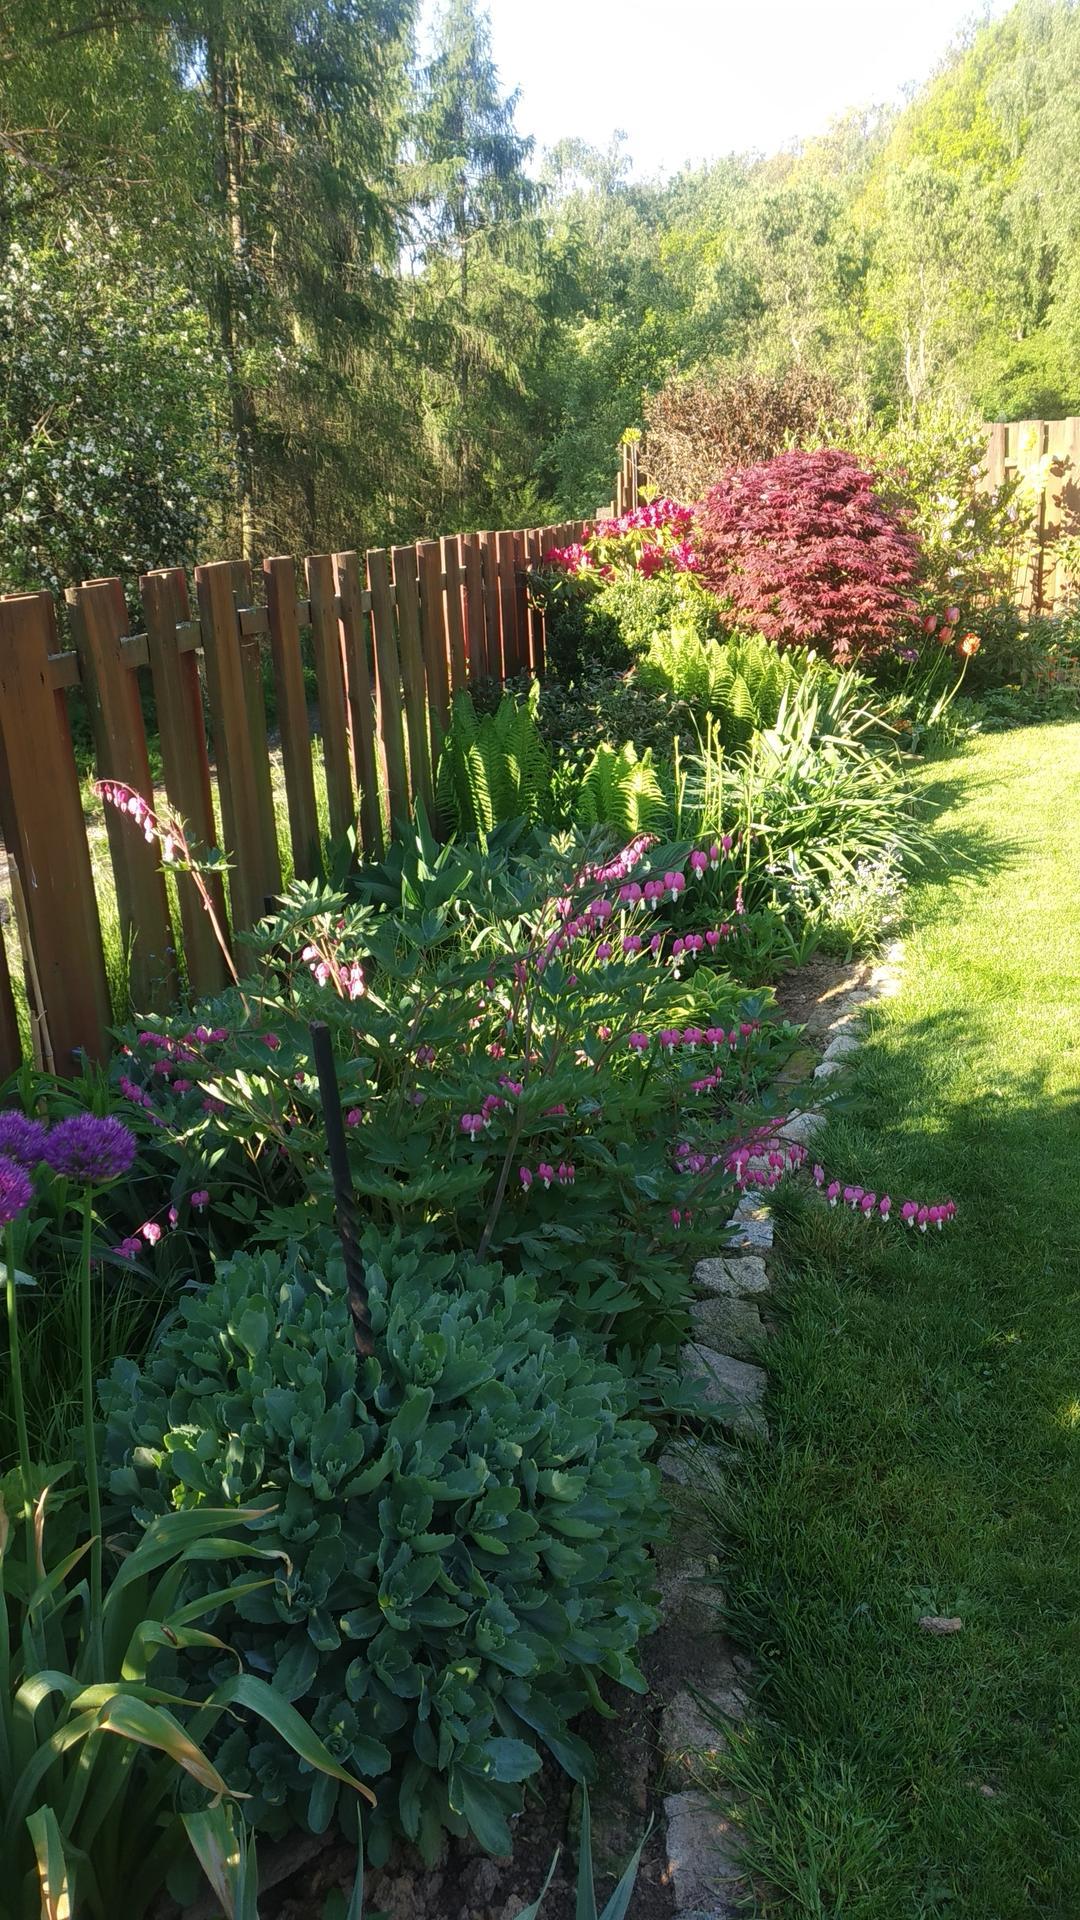 Zahrada 2021 a budování skleníku - Letos srdíčka neomrzla, tak jsou krásná.